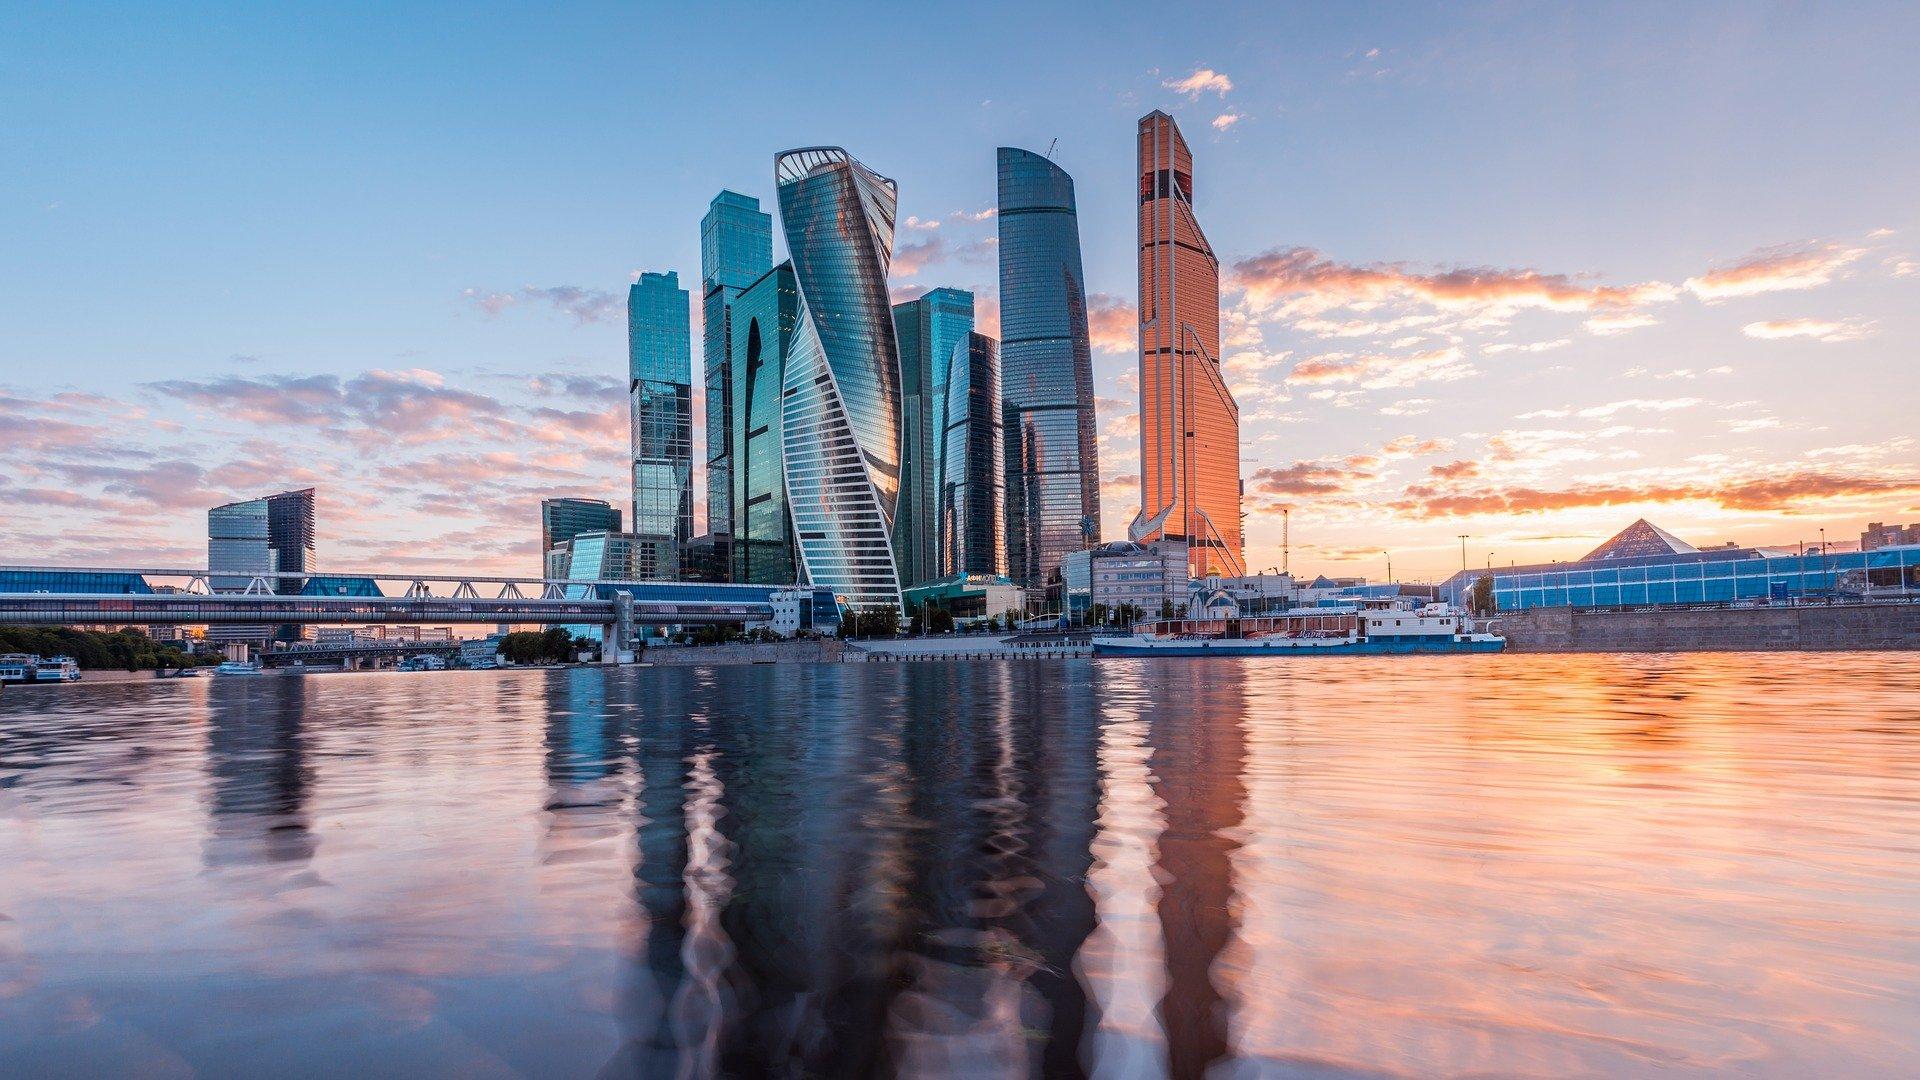 Число участников на Московской бирже достигло 10 миллионов